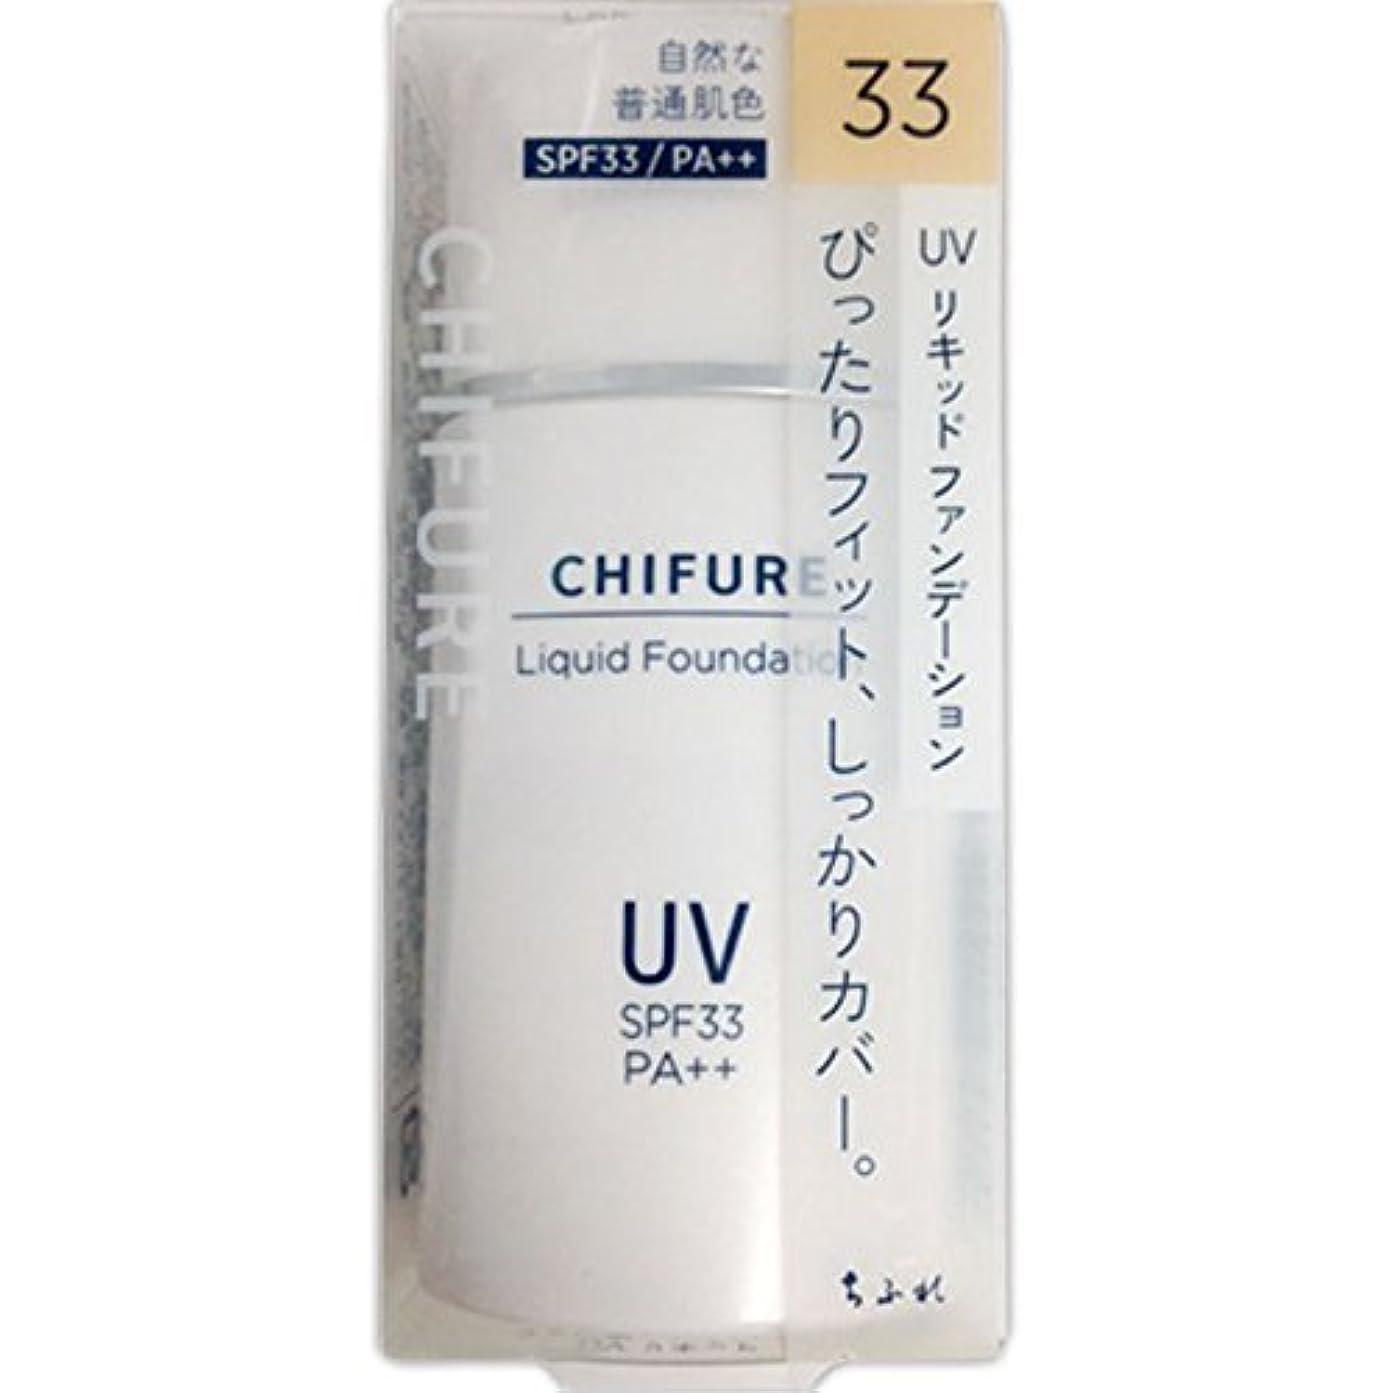 悪性の北へ小競り合いちふれ化粧品 UV リキッド ファンデーション 33 自然な普通肌色 30ML